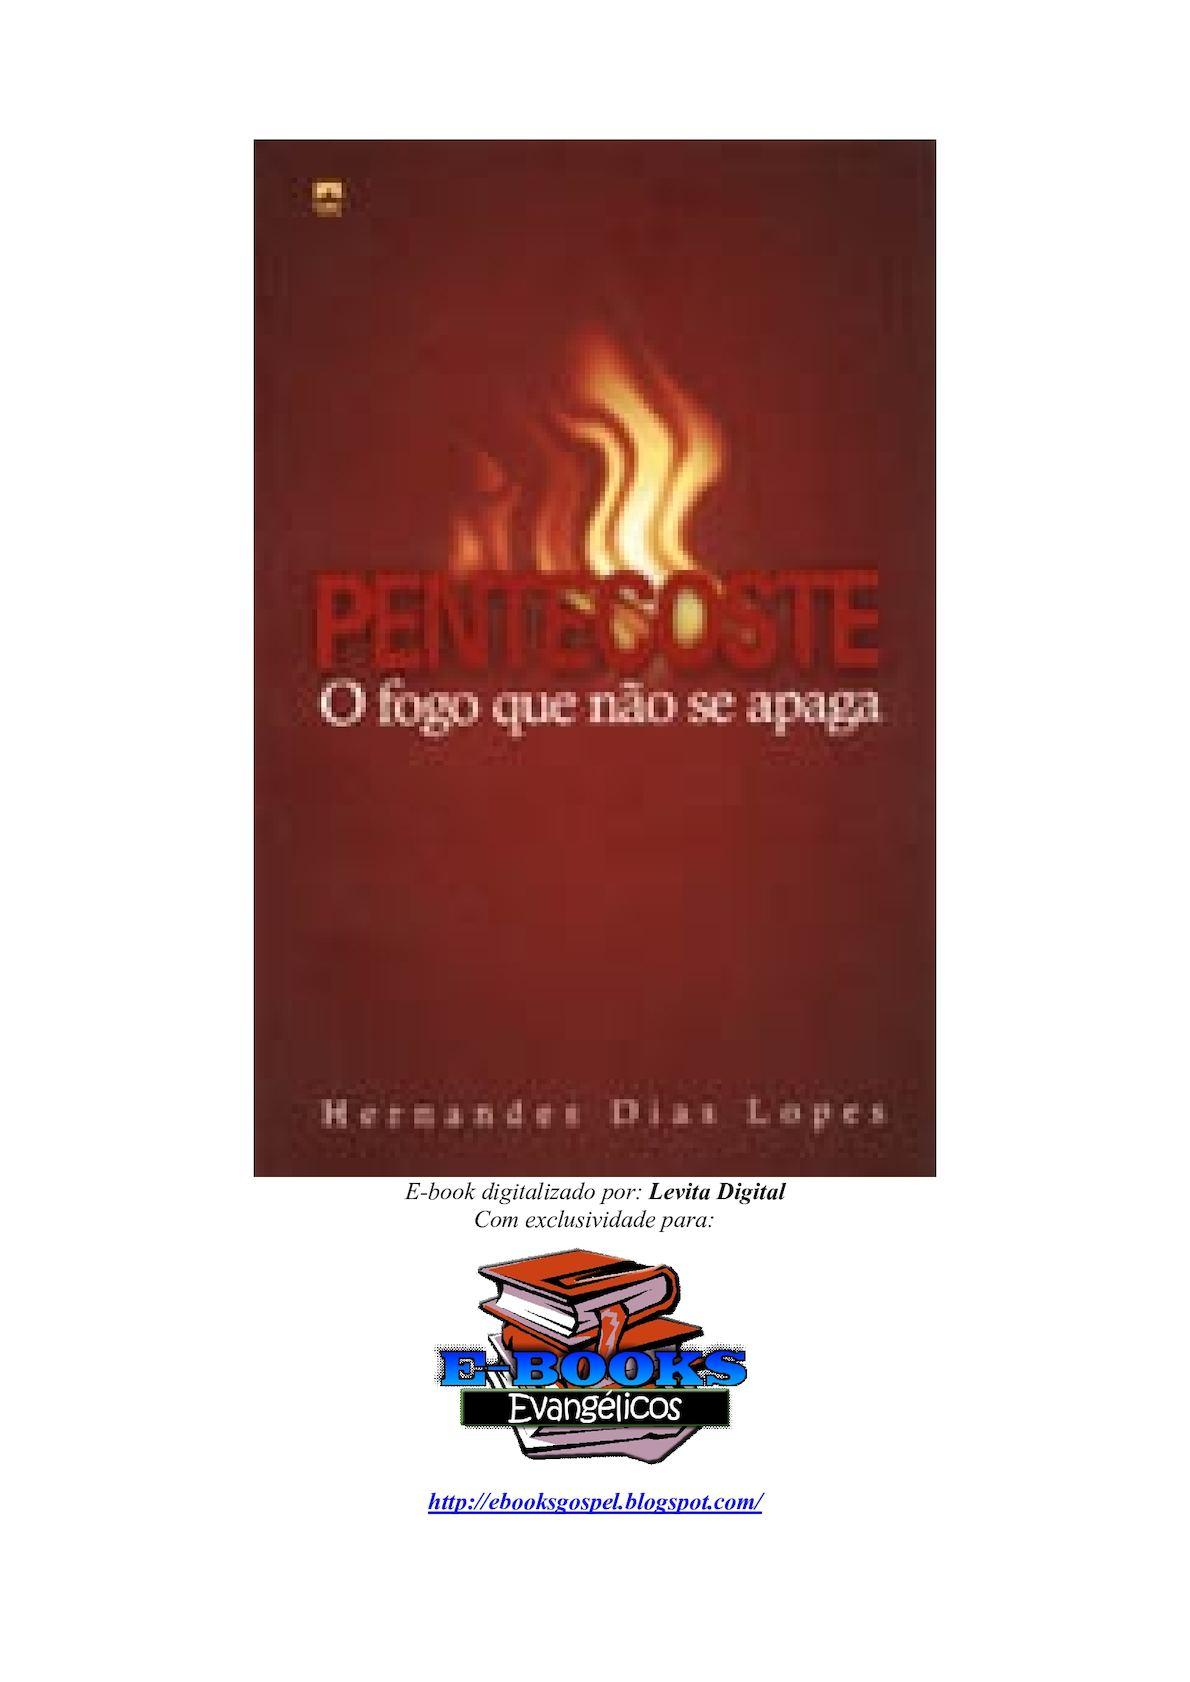 Pentecoste - O Fogo Que Não Se Apaga - Hernandes Dias Lopes